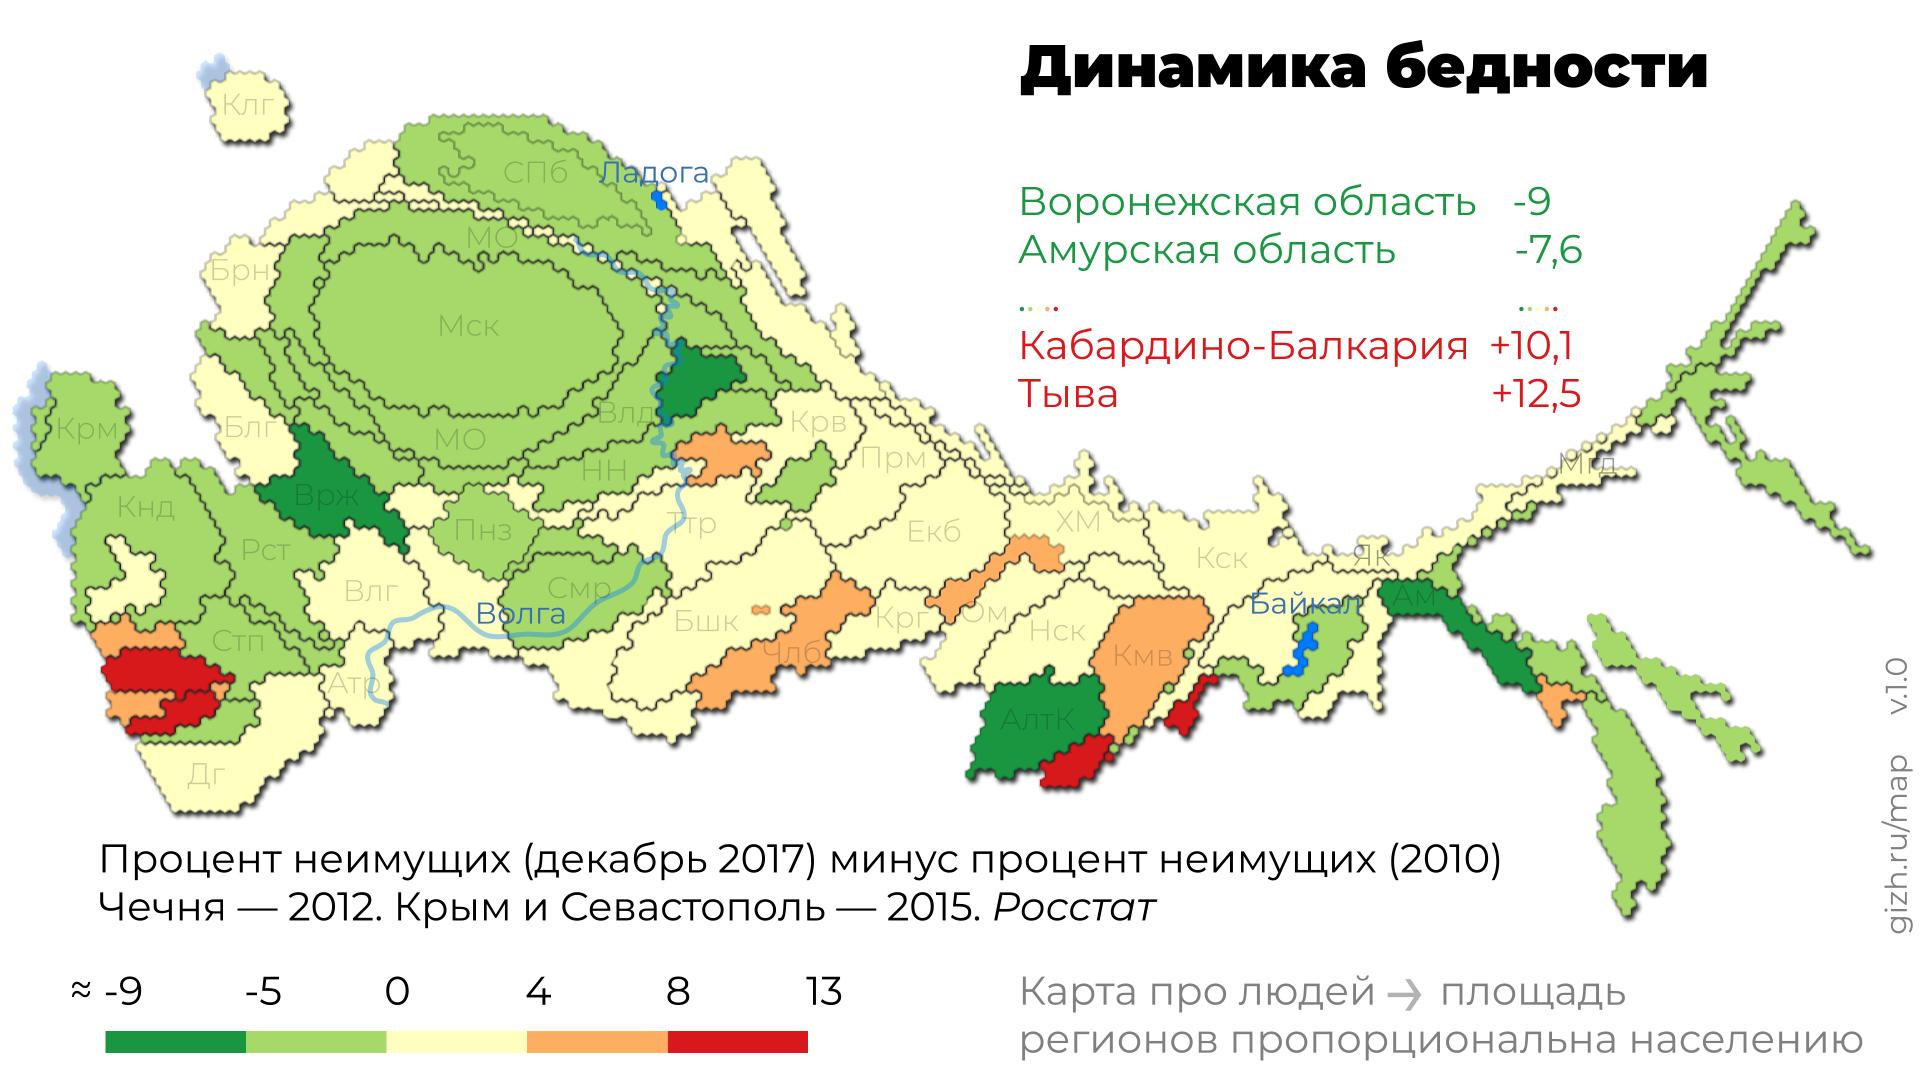 Динамика бедности по регионам. Карта-анаморфоза